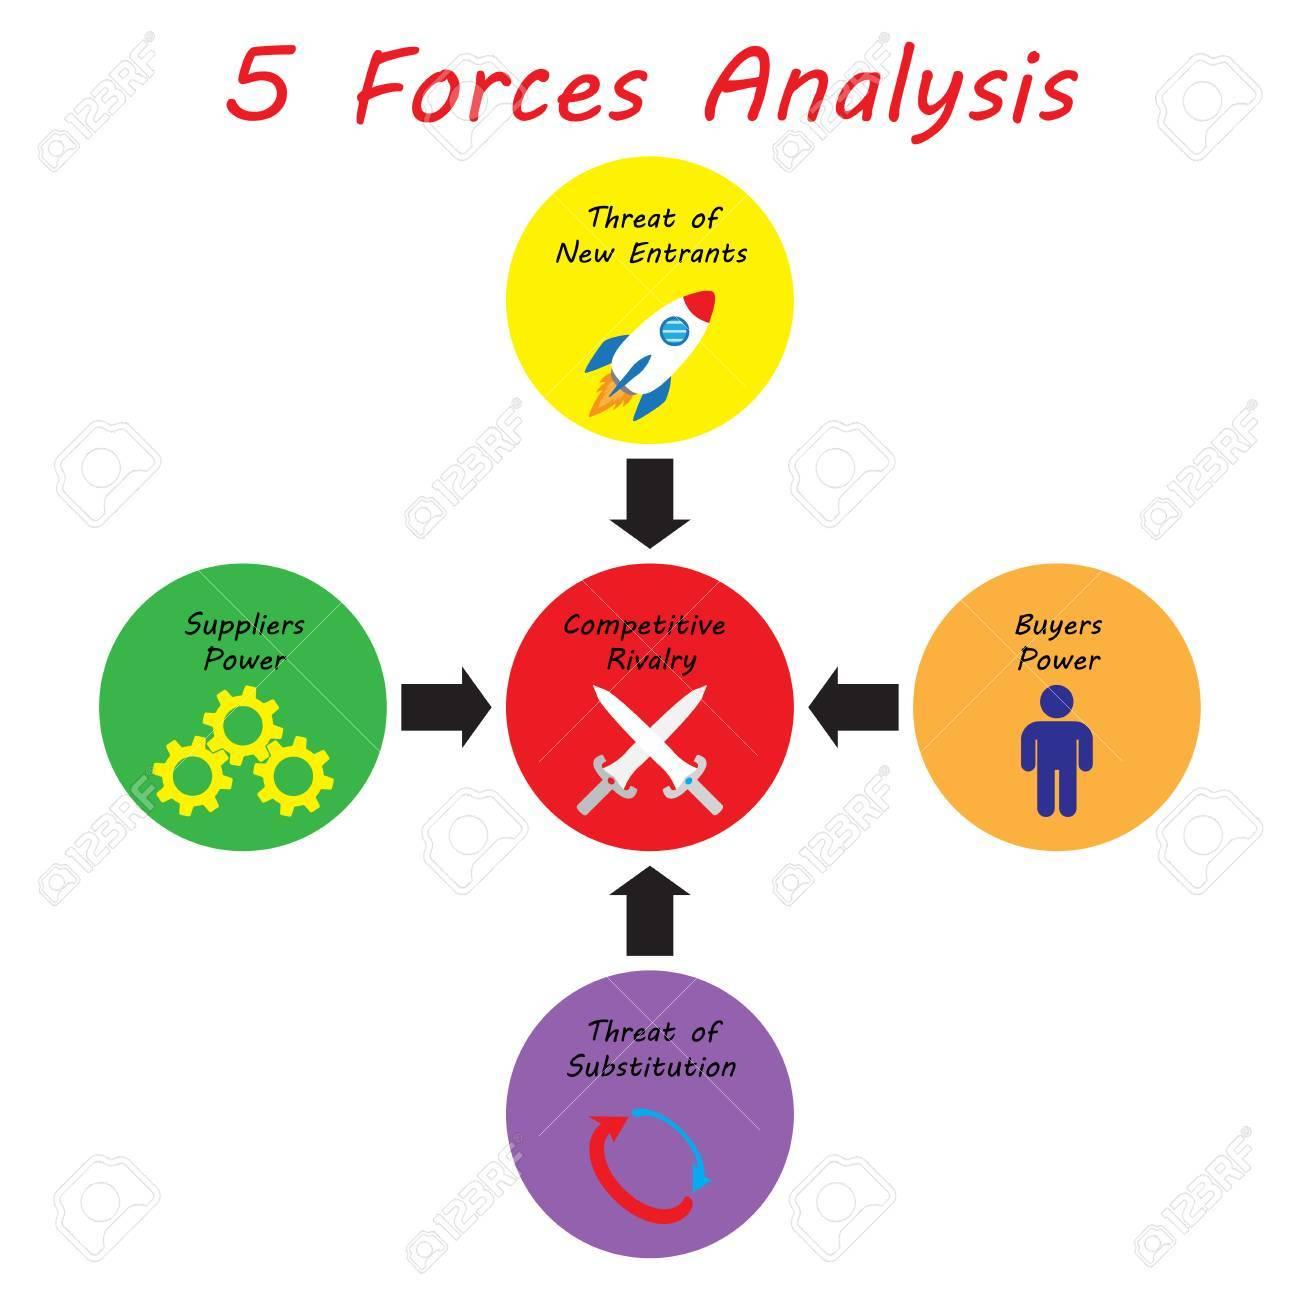 Diagrama Del Análisis De 5 Fuerzas Como Círculos Coloridos ...